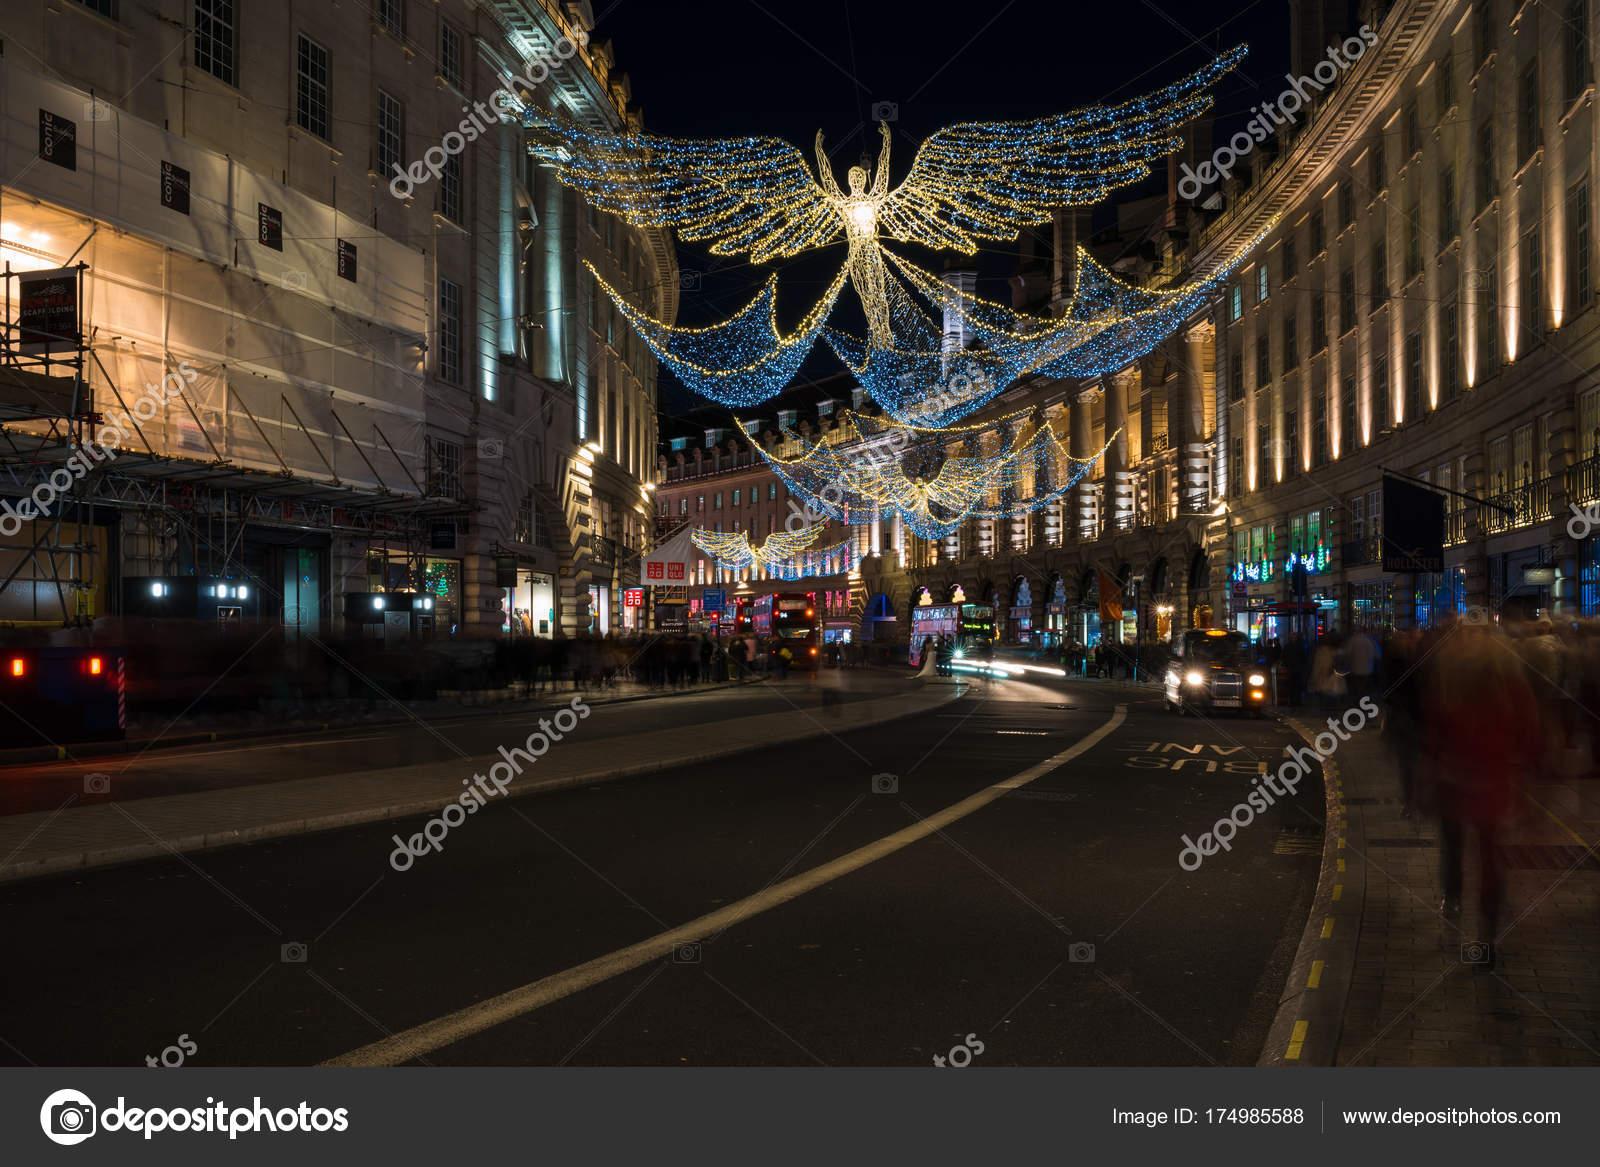 Decorazioni Natalizie Londra 2019.Decorazioni Di Natale Su Regent Street Nel Centro Di Londra Regno